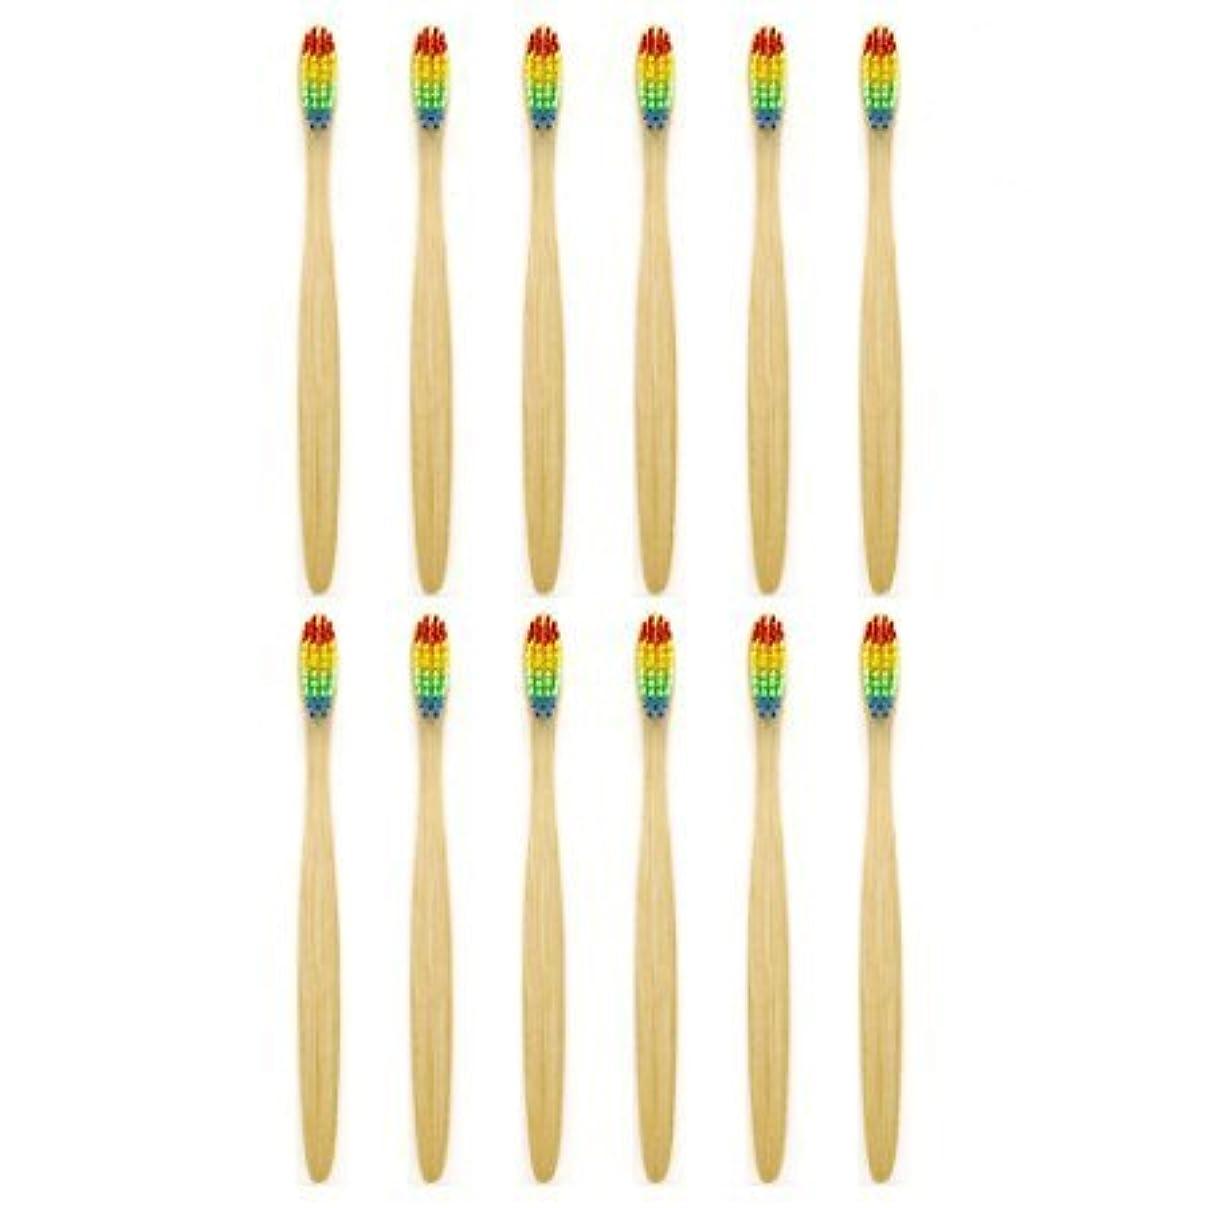 祈る透ける設計図天然竹歯ブラシGenkentリサイクル生分解性包装で環境にやさしい虹ナチュラル竹の歯ブラシはレインボーナイロン注入ブリストルで作られた(12本)